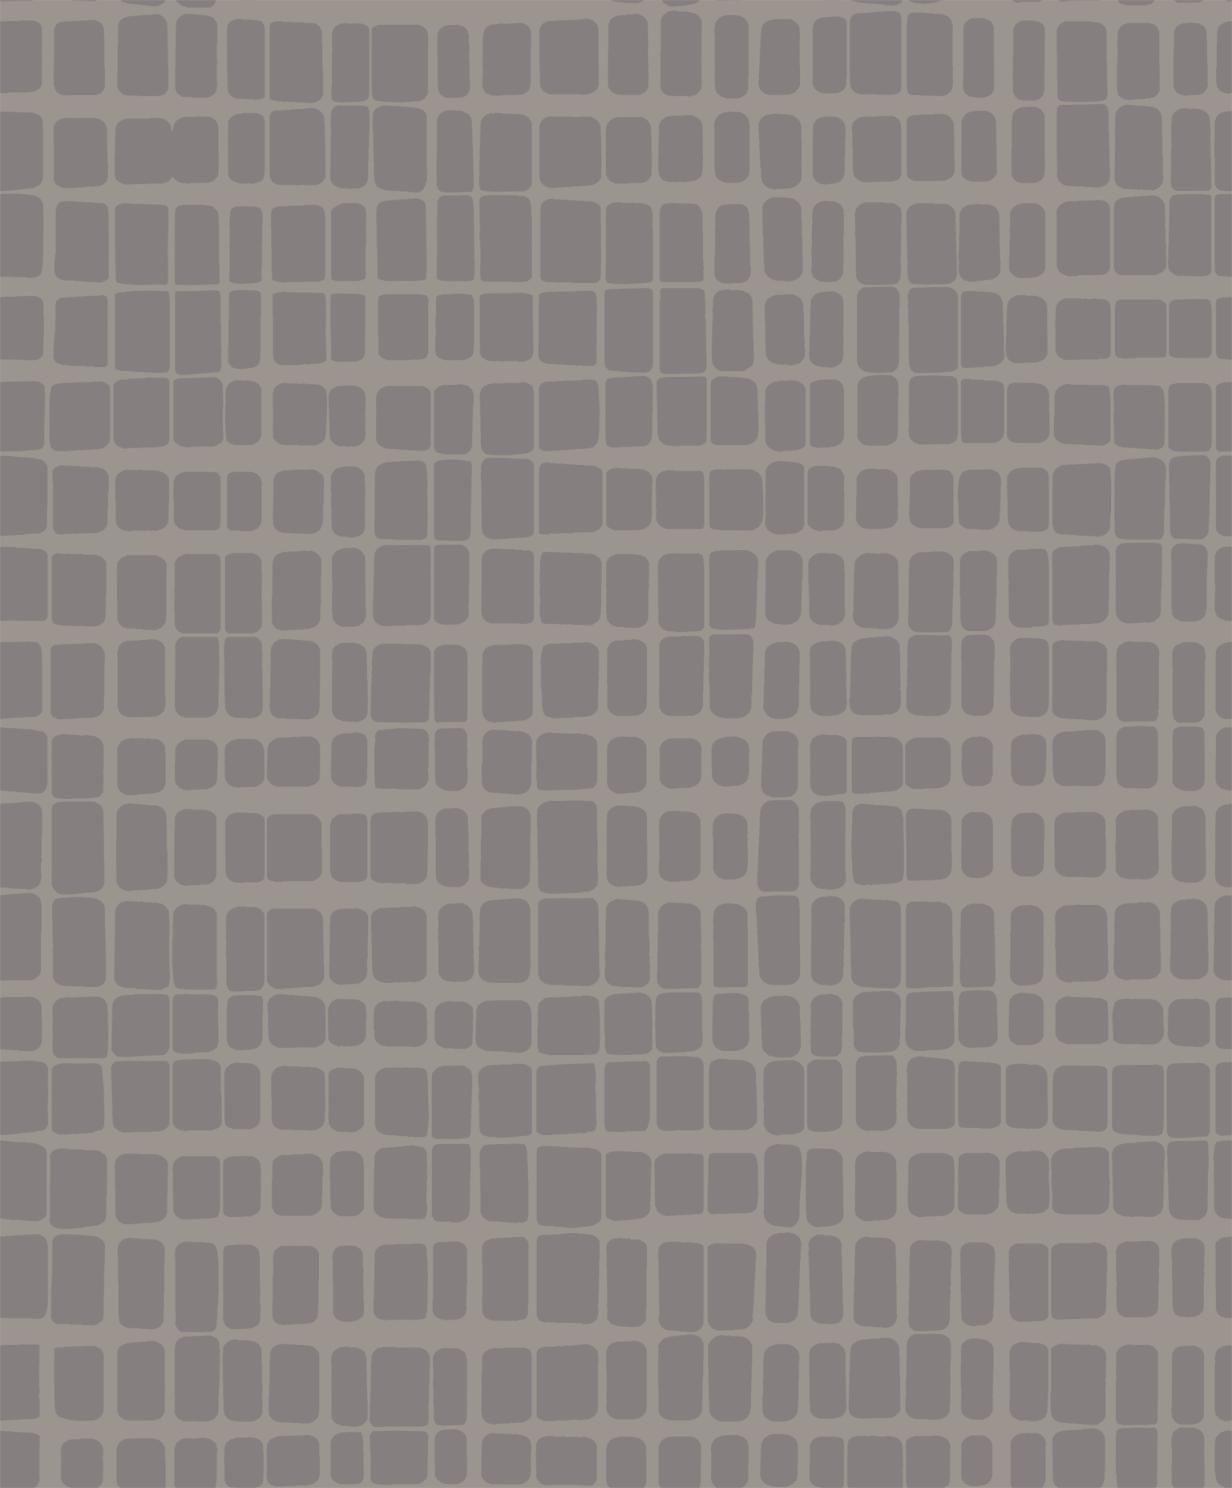 摩曼壁纸为世界级品牌,版本涵盖多种风格(现代,欧式,中式,乡村图片